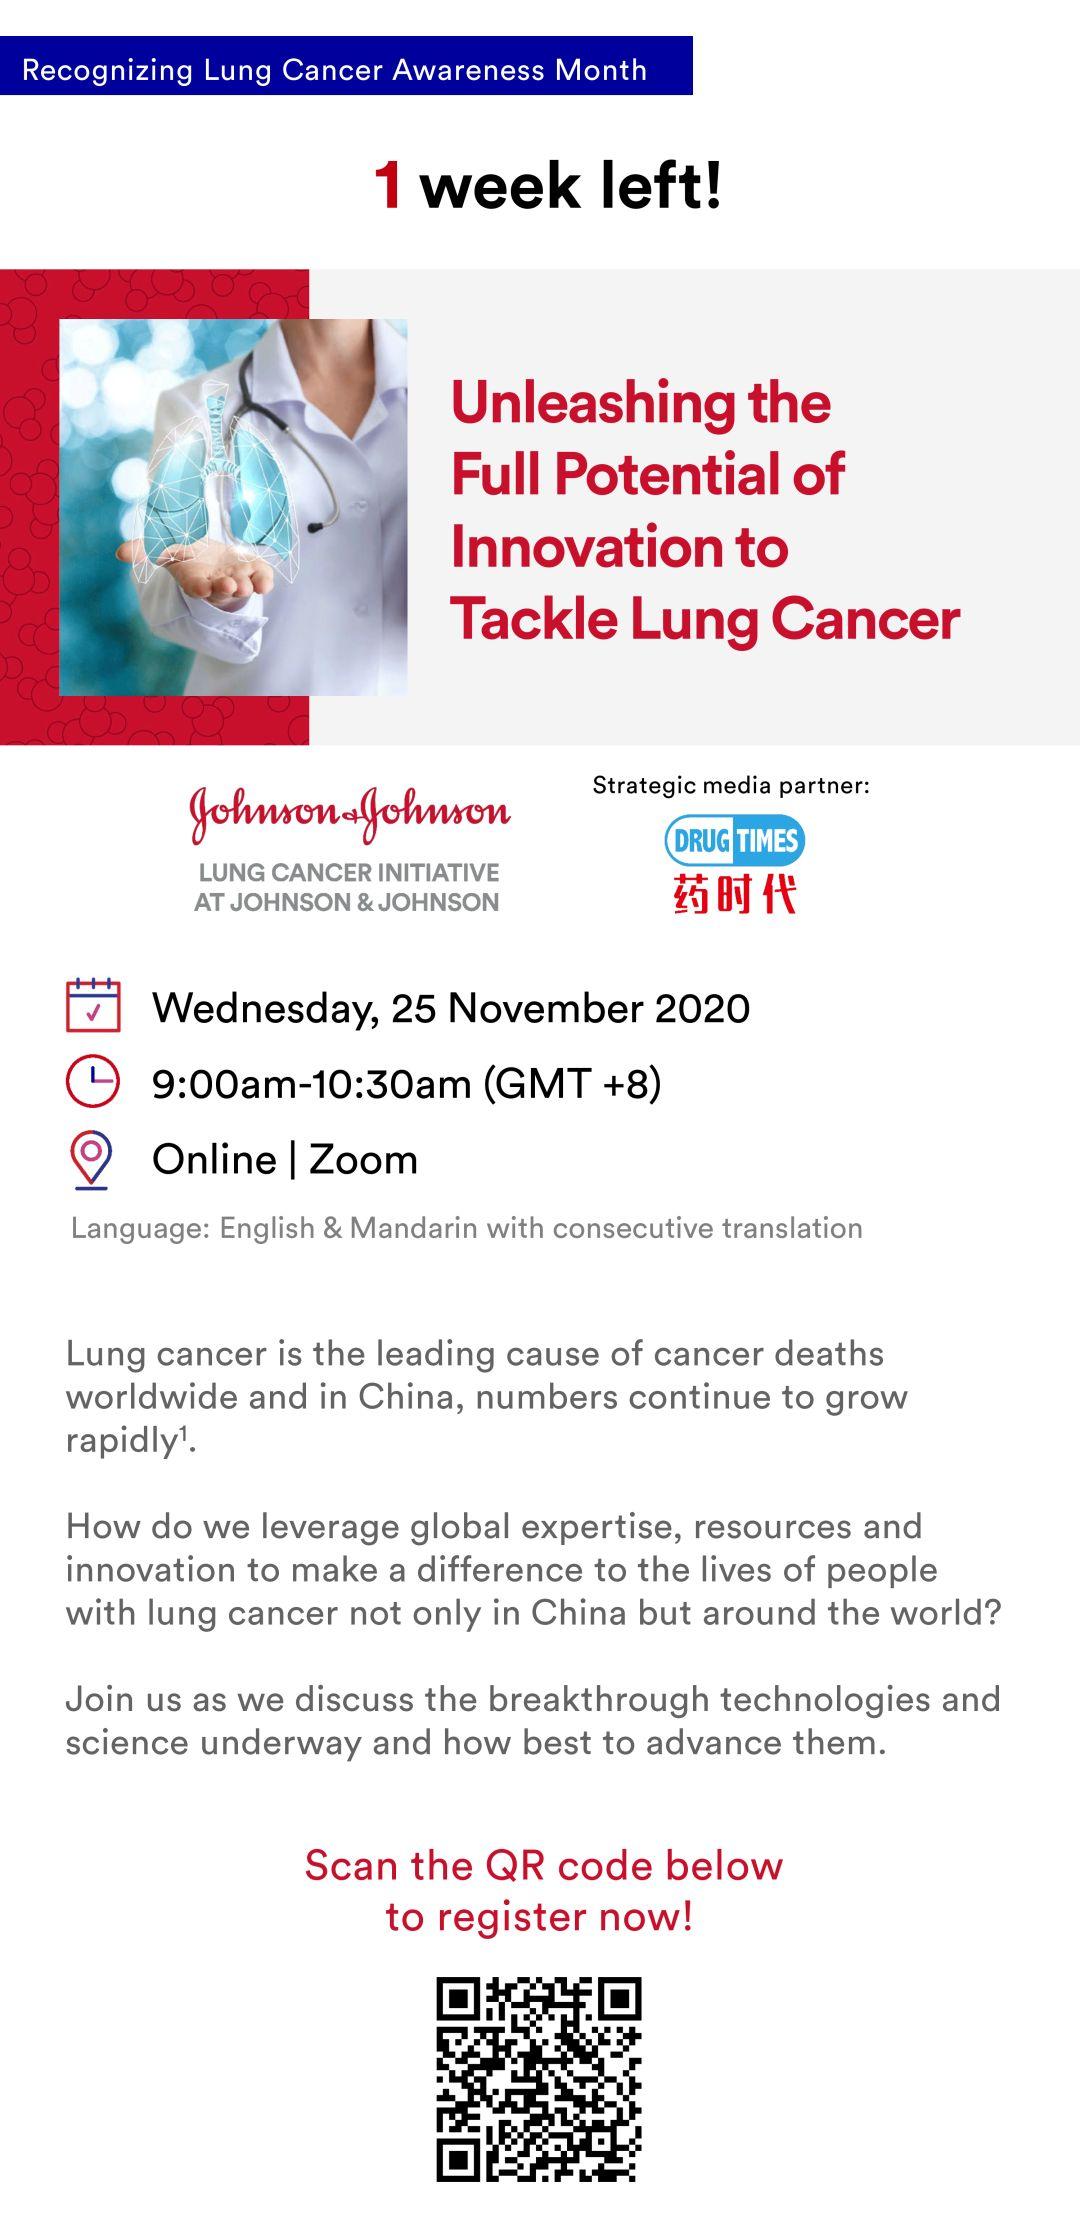 【倒计时5天 立刻报名】线上论坛:释放创新潜力 全面抗击肺癌